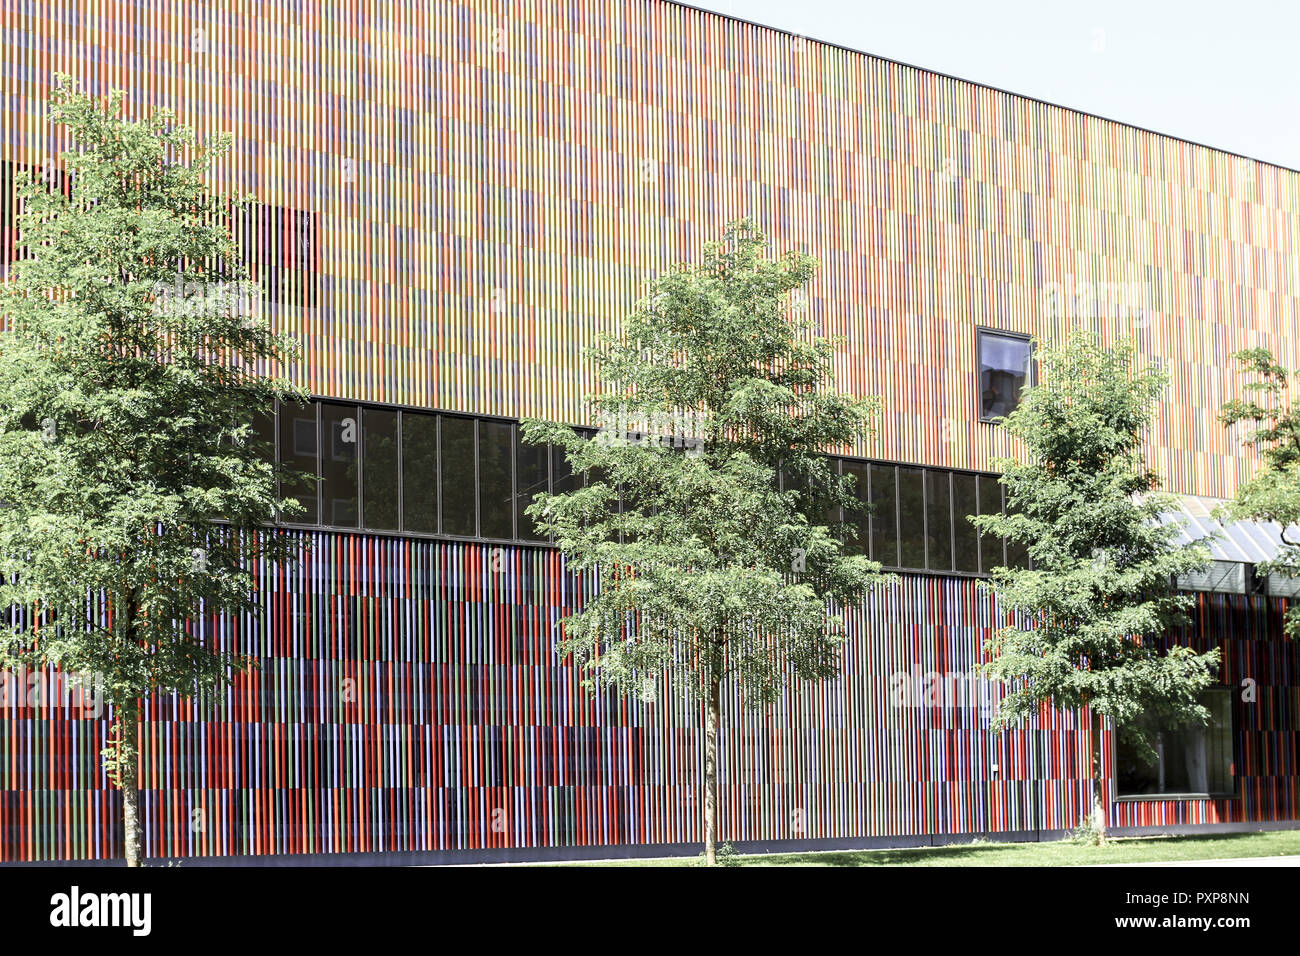 36, 000 einzelne Keramikflächen, Architektenbüro Sauerbruch Hutton, Architektur, Aussenfassade, Bayern, Berliner Architekten Sauerbruch Hutton, Fassad - Stock Image